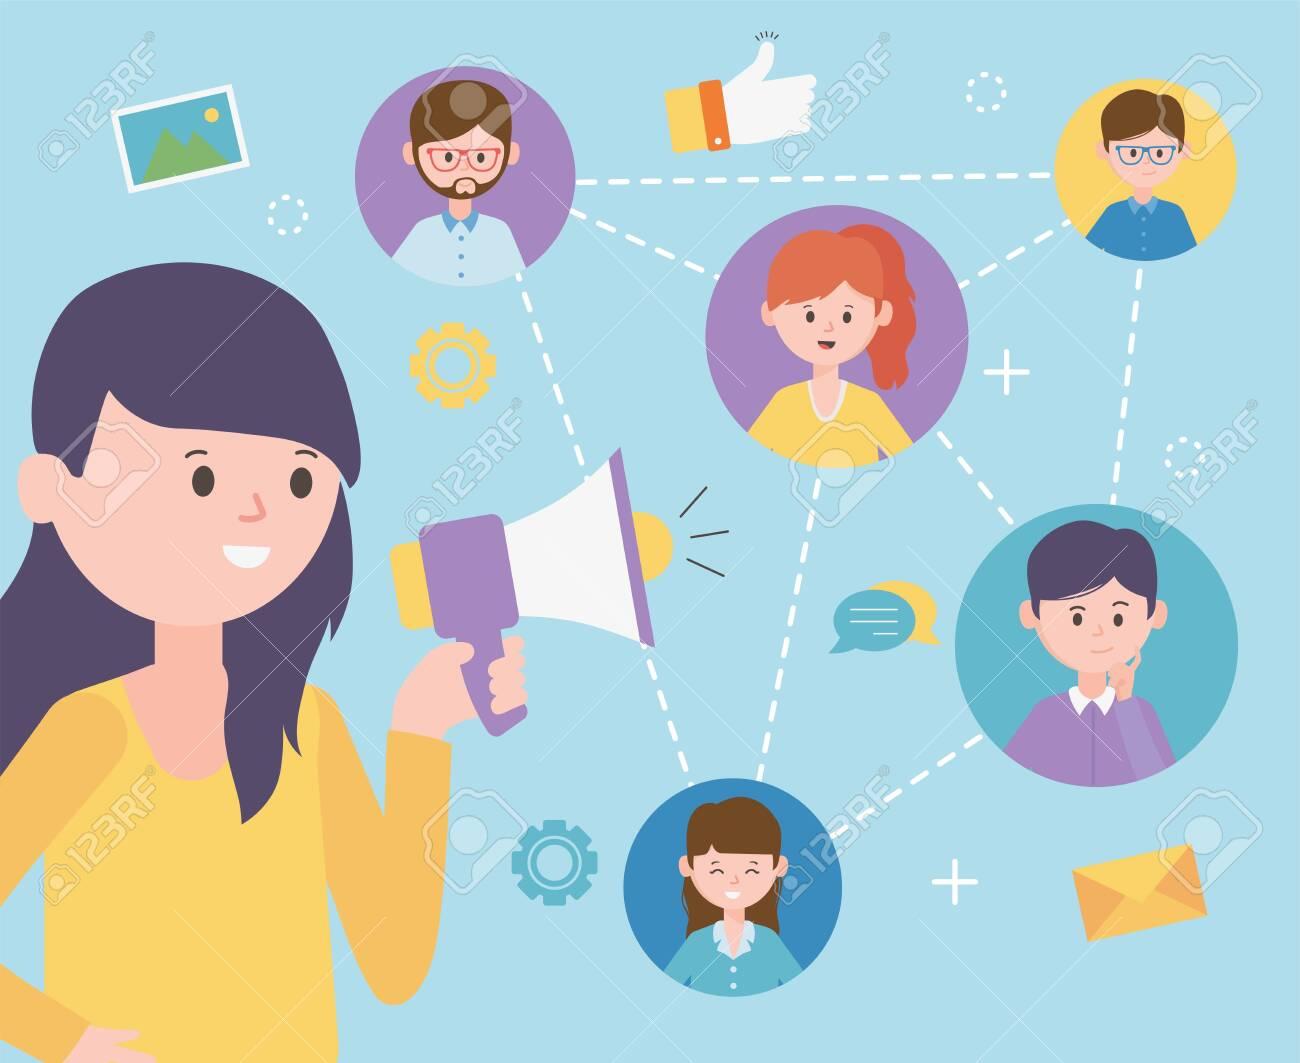 woman talking speaker advertising group people network social media - 136720531